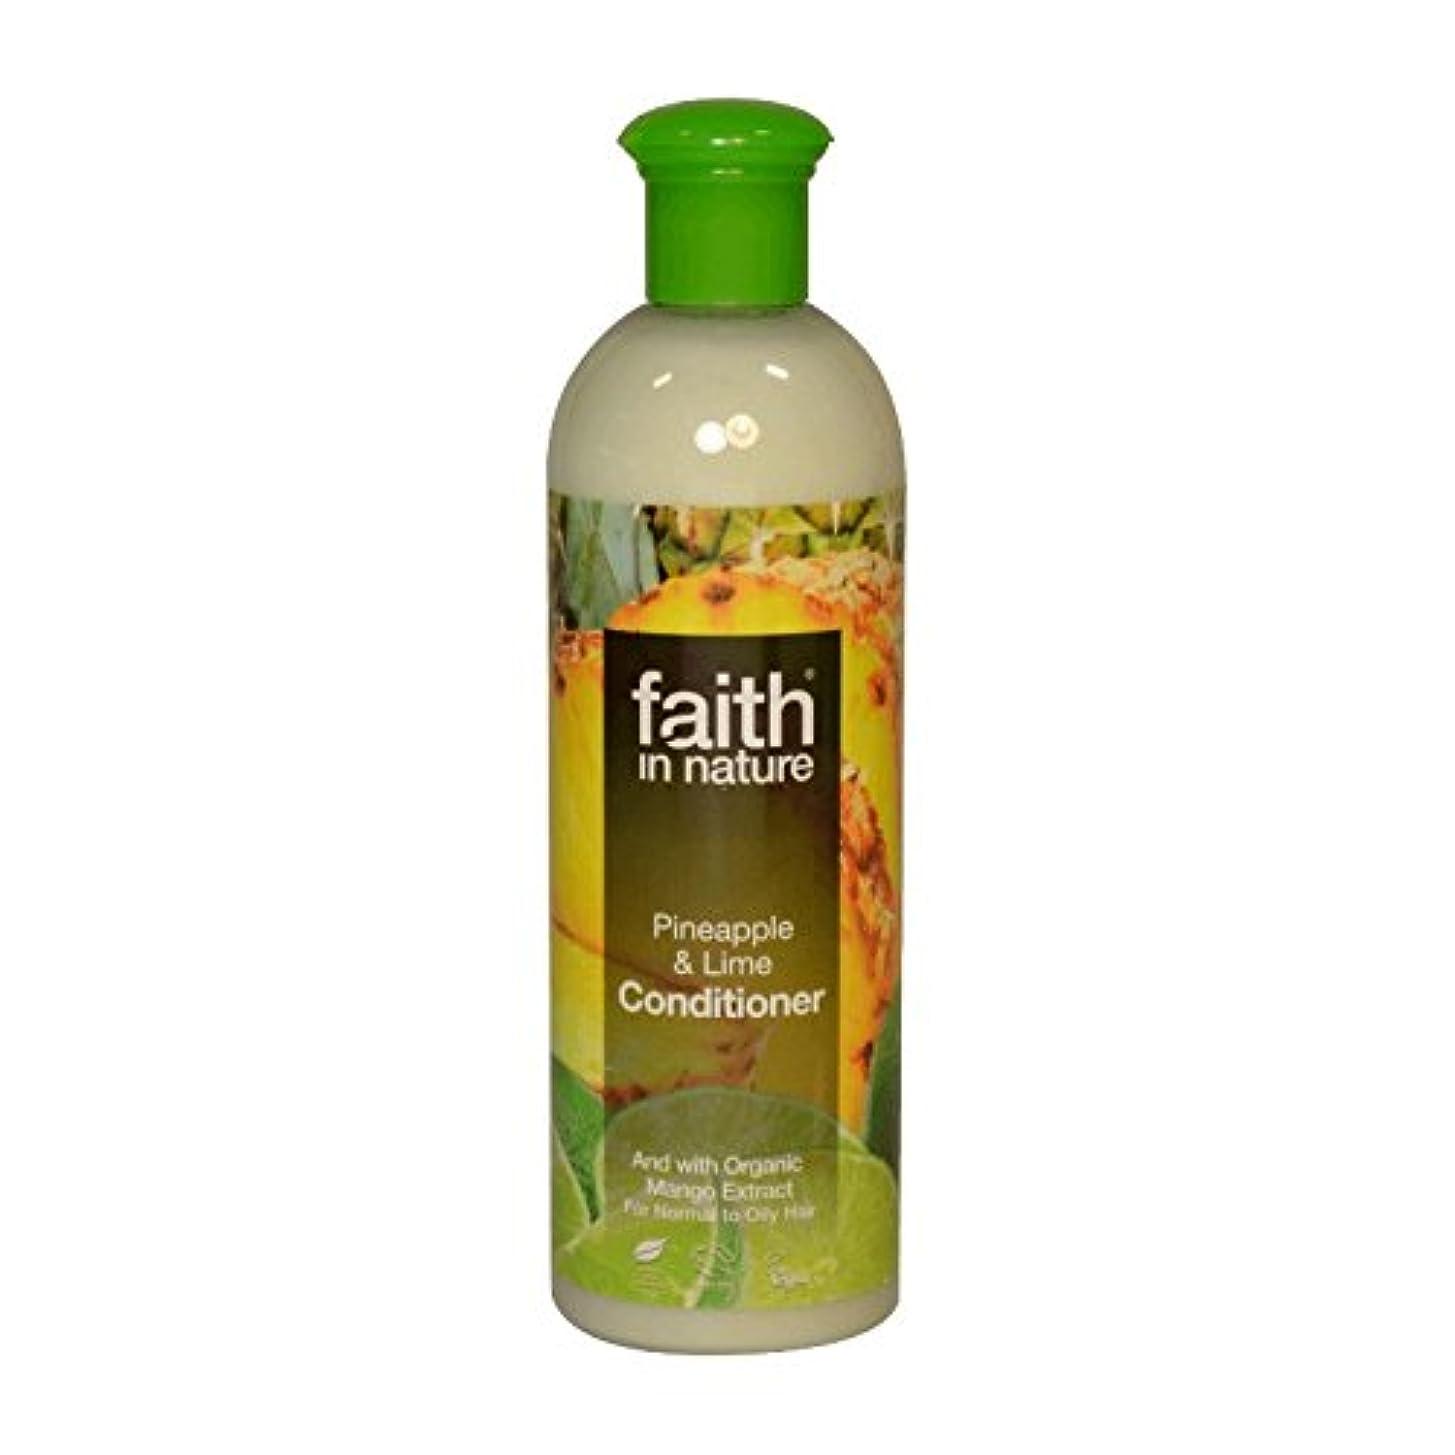 学部方法論好戦的な自然パイナップル&ライムコンディショナー400ミリリットルの信仰 - Faith in Nature Pineapple & Lime Conditioner 400ml (Faith in Nature) [並行輸入品]